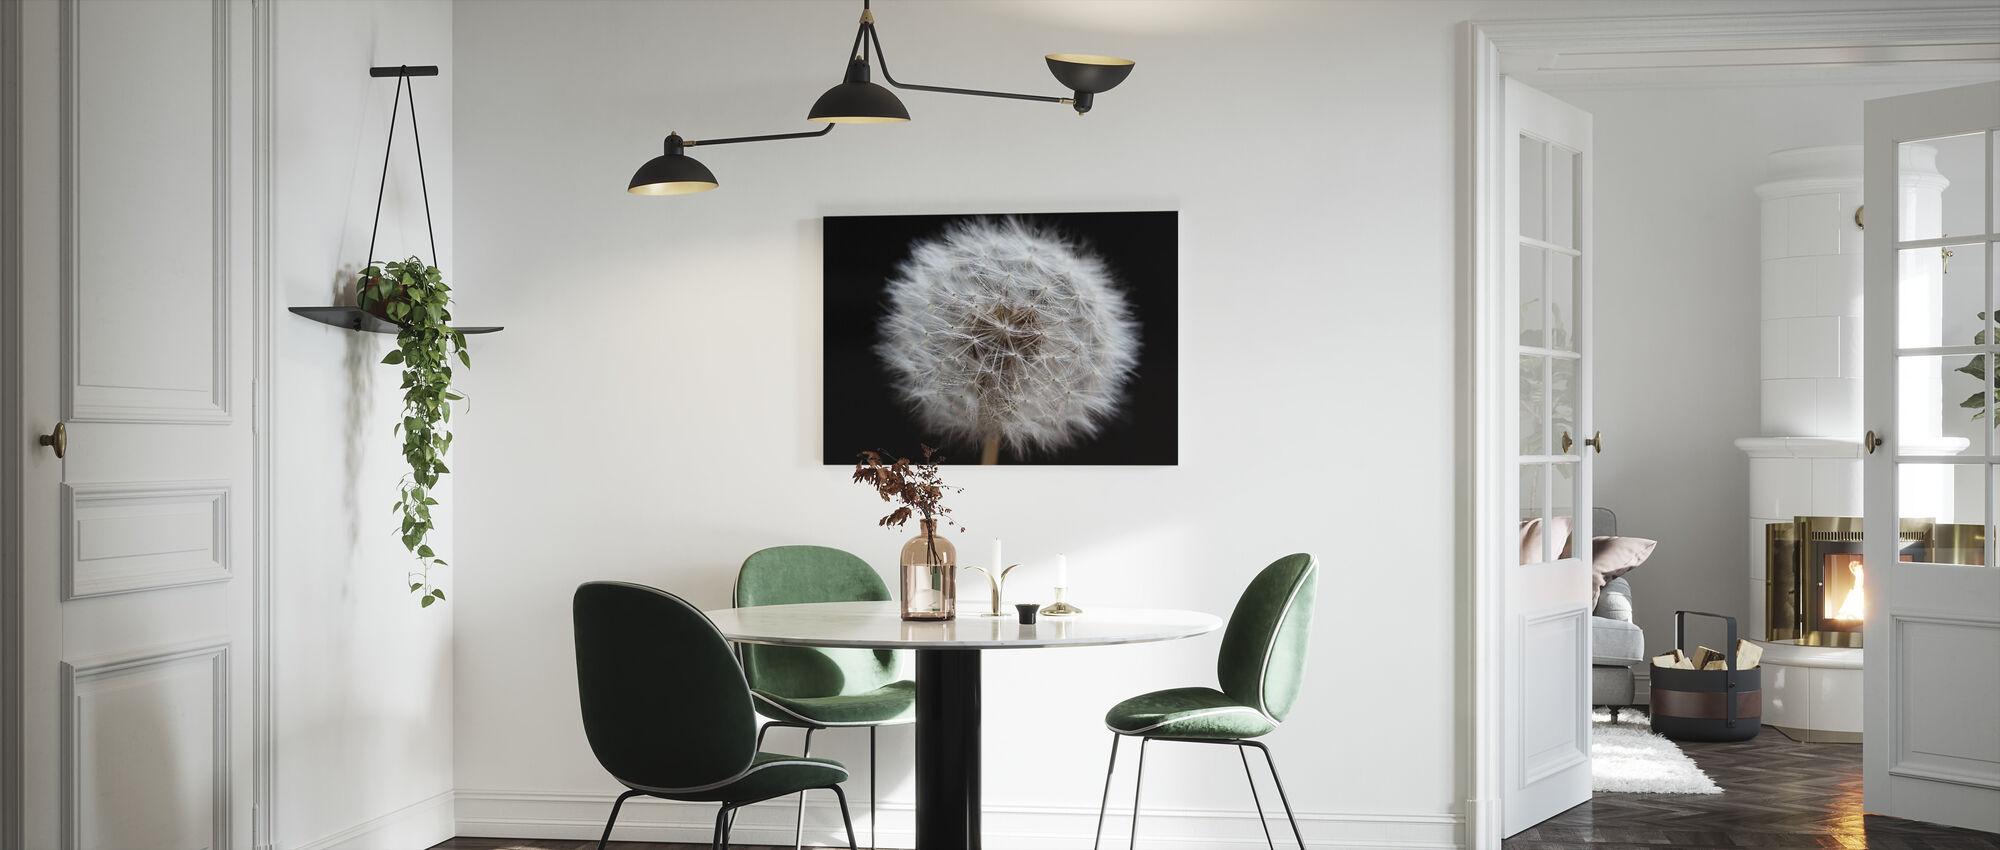 Dandelion - Canvas print - Kitchen